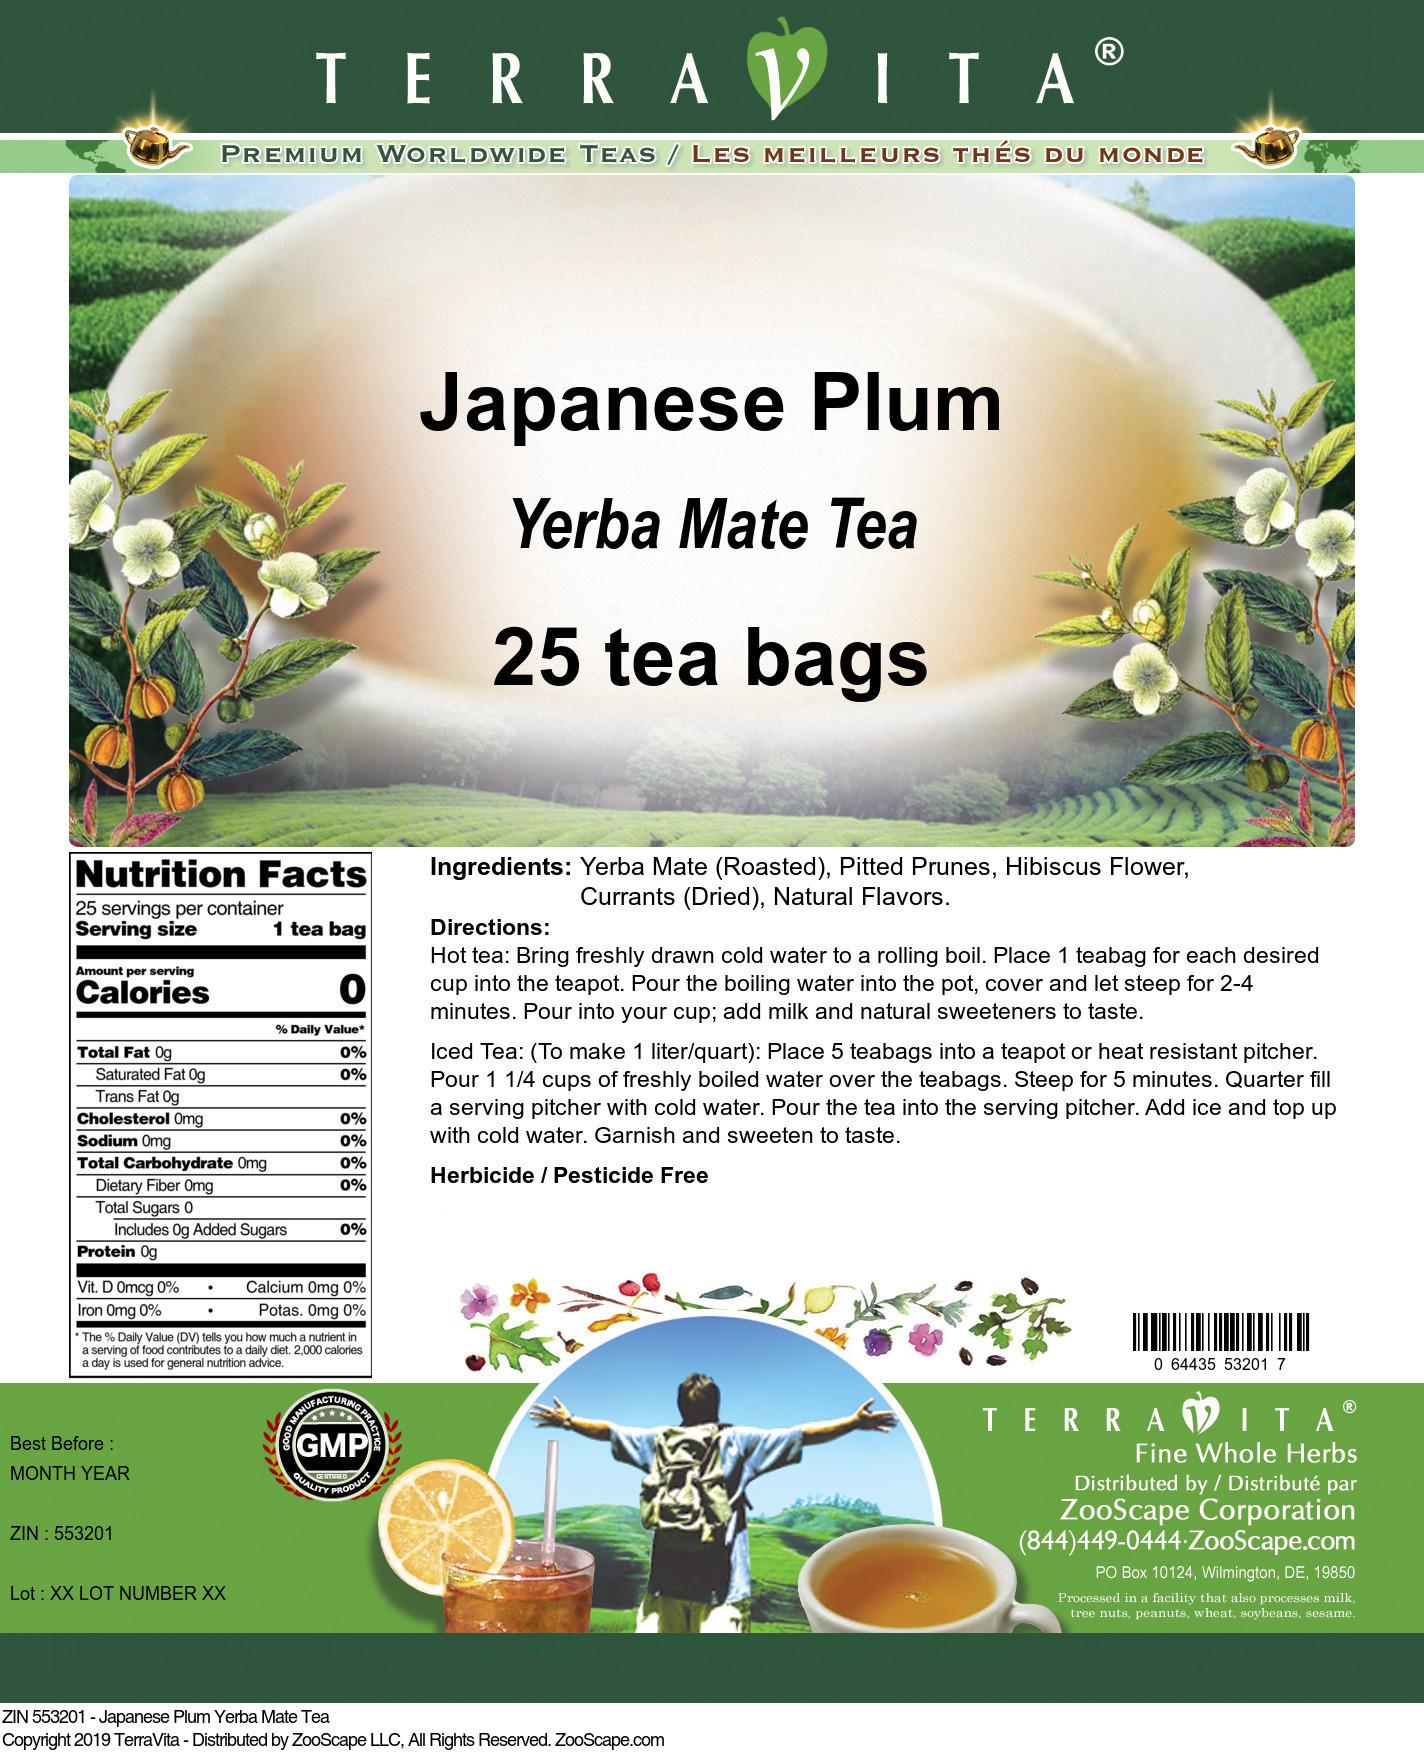 Japanese Plum Yerba Mate Tea